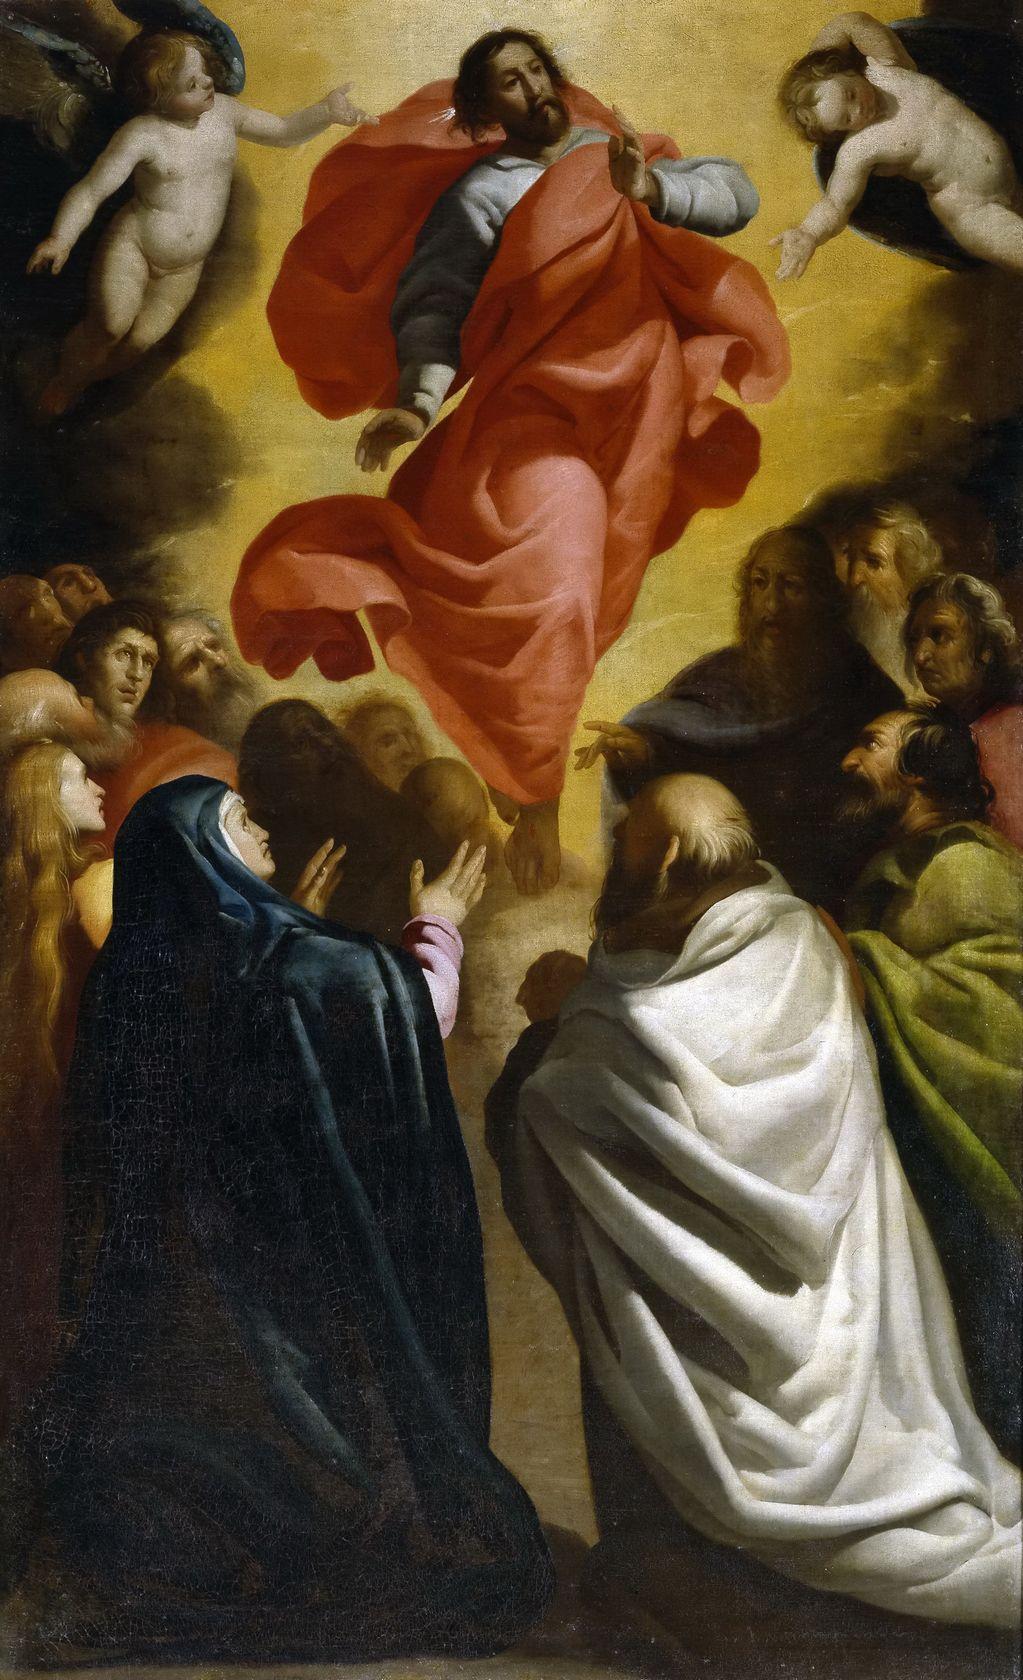 Ланкарес, Антонио де - Вознесение Господне